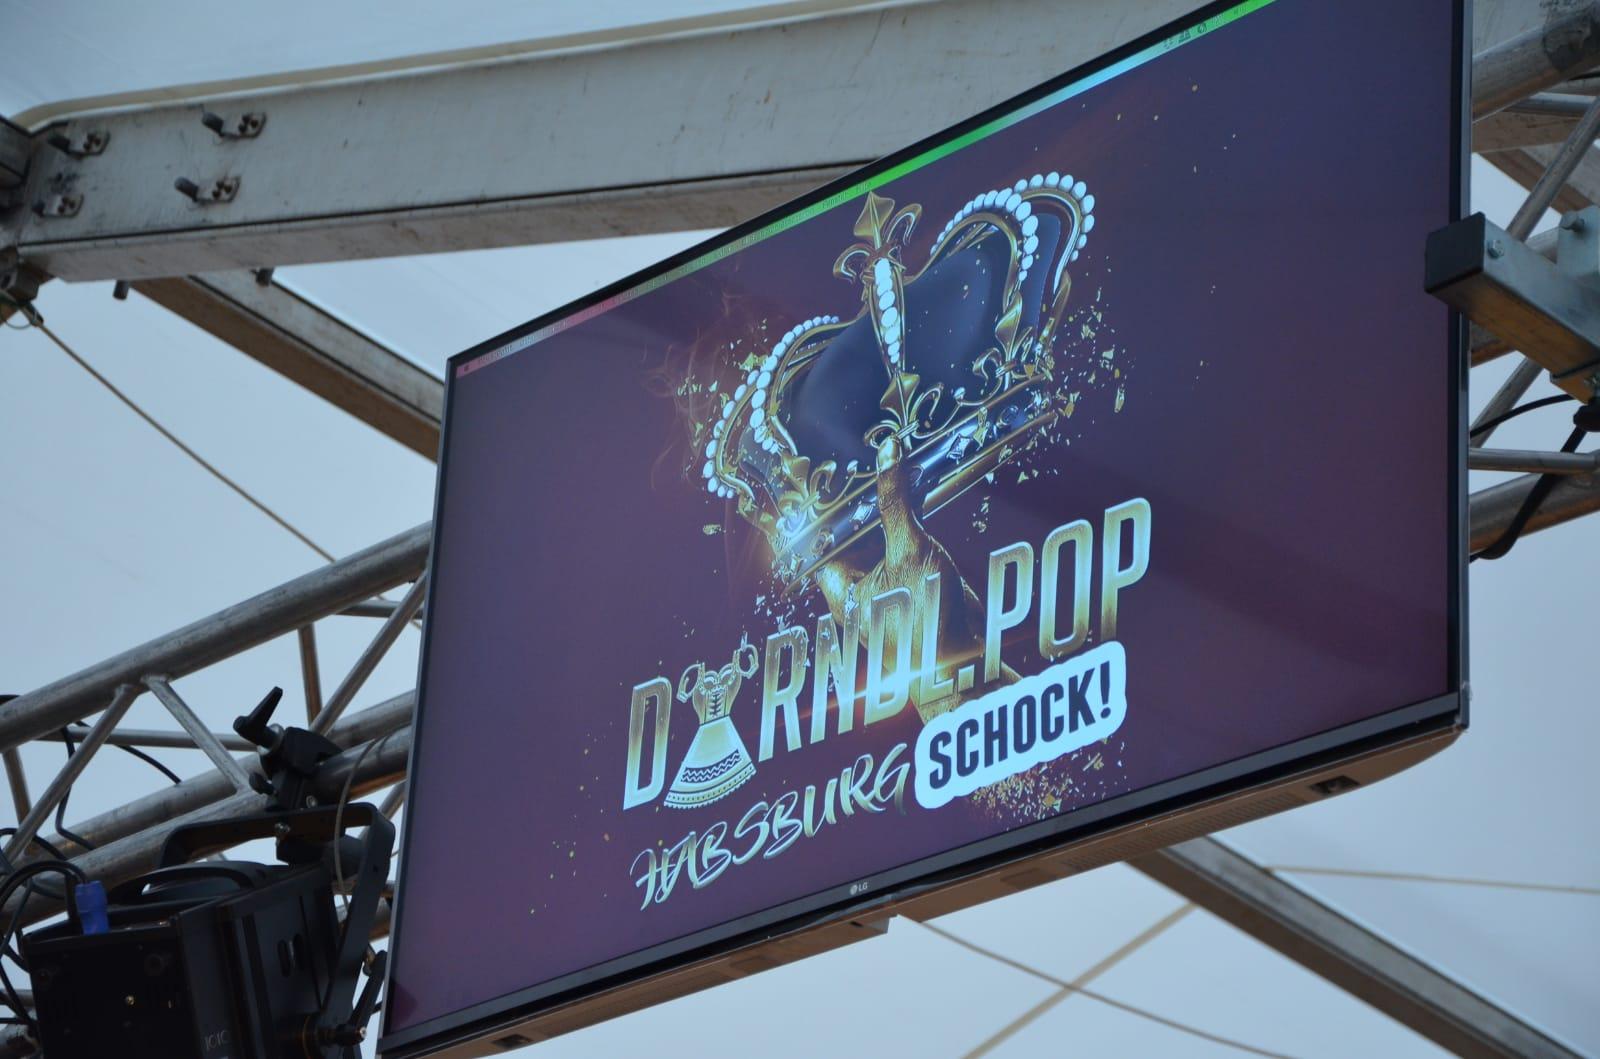 Dirndl Pop Habsburgschock 2018 (4)